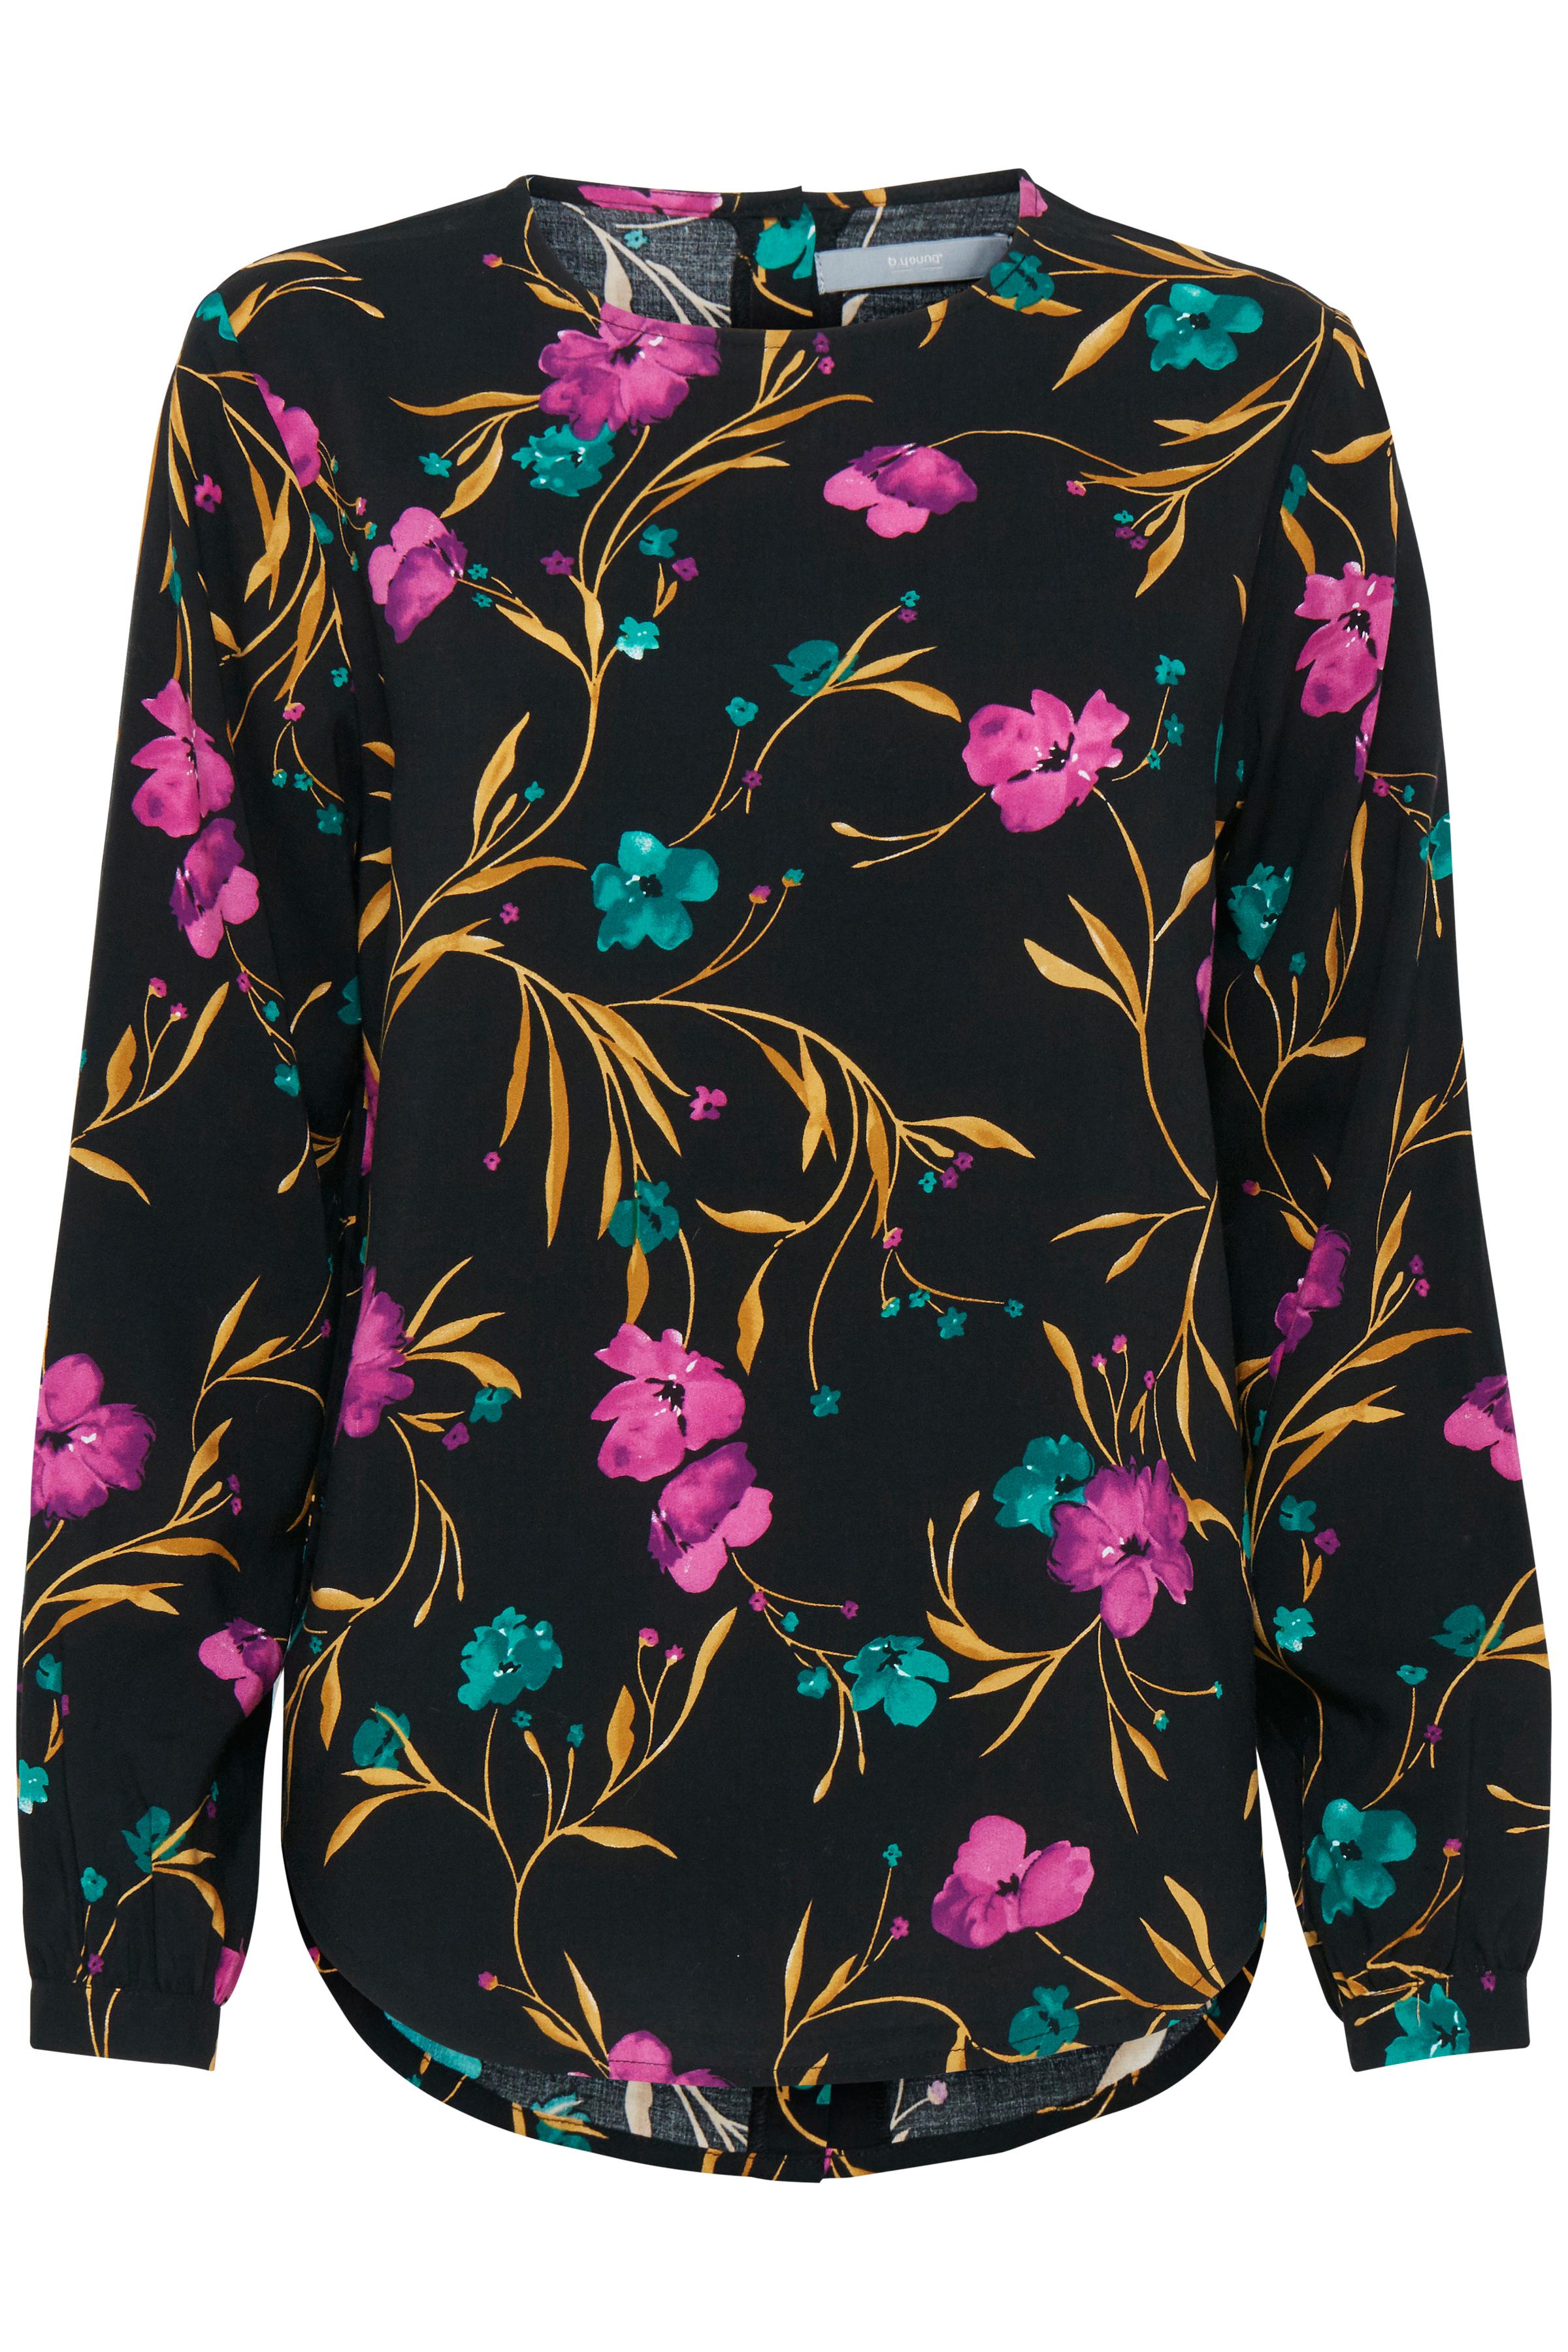 Black combi 1 Langarm-Bluse von b.young – Kaufen Sie Black combi 1 Langarm-Bluse aus Größe 34-44 hier